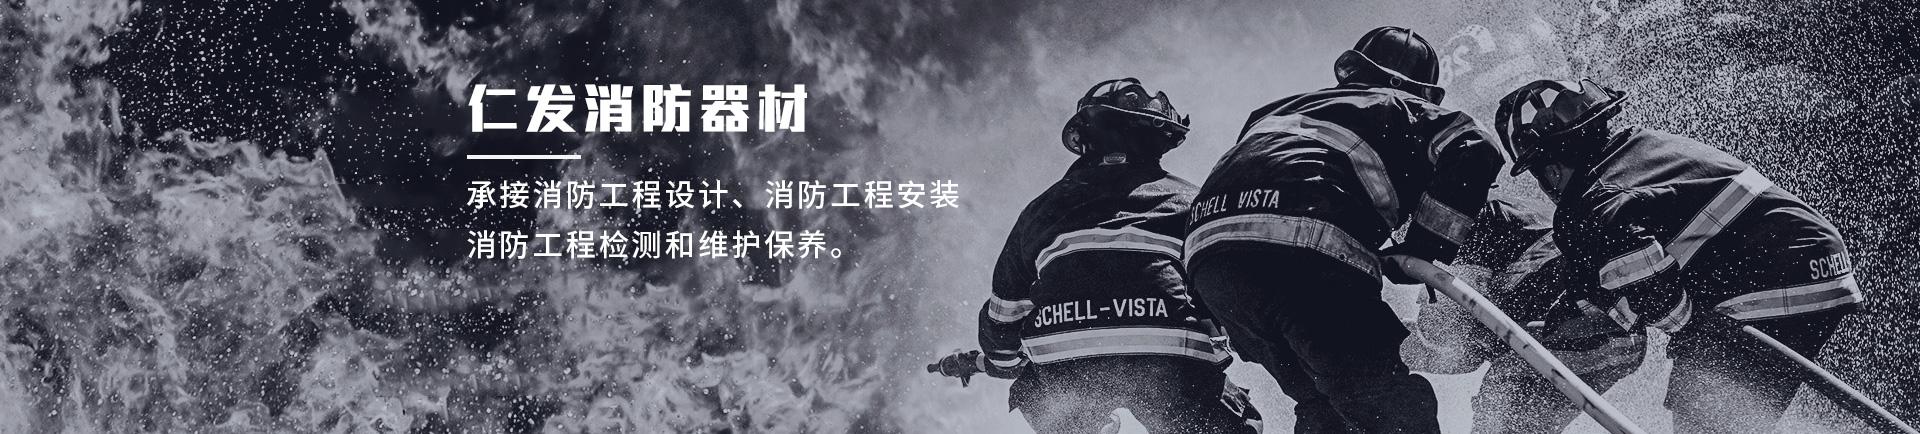 消防器材公司